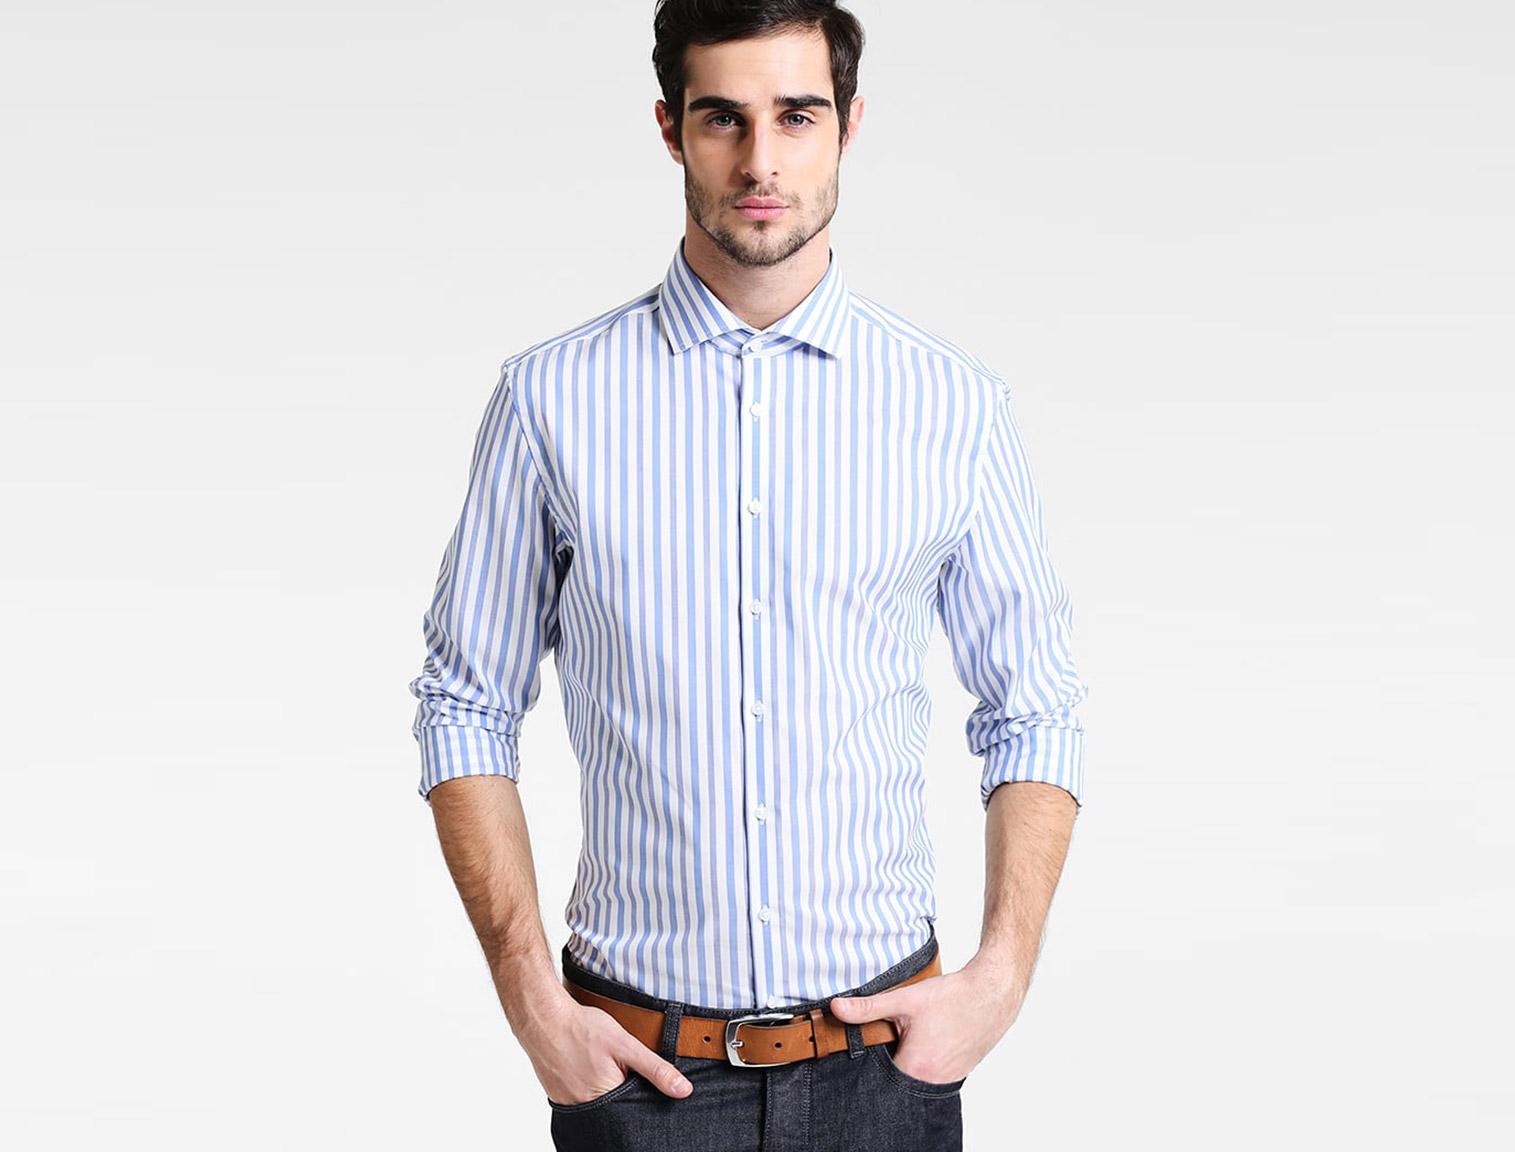 c44326992ae88 Hombre joven con camisa a rayas azul